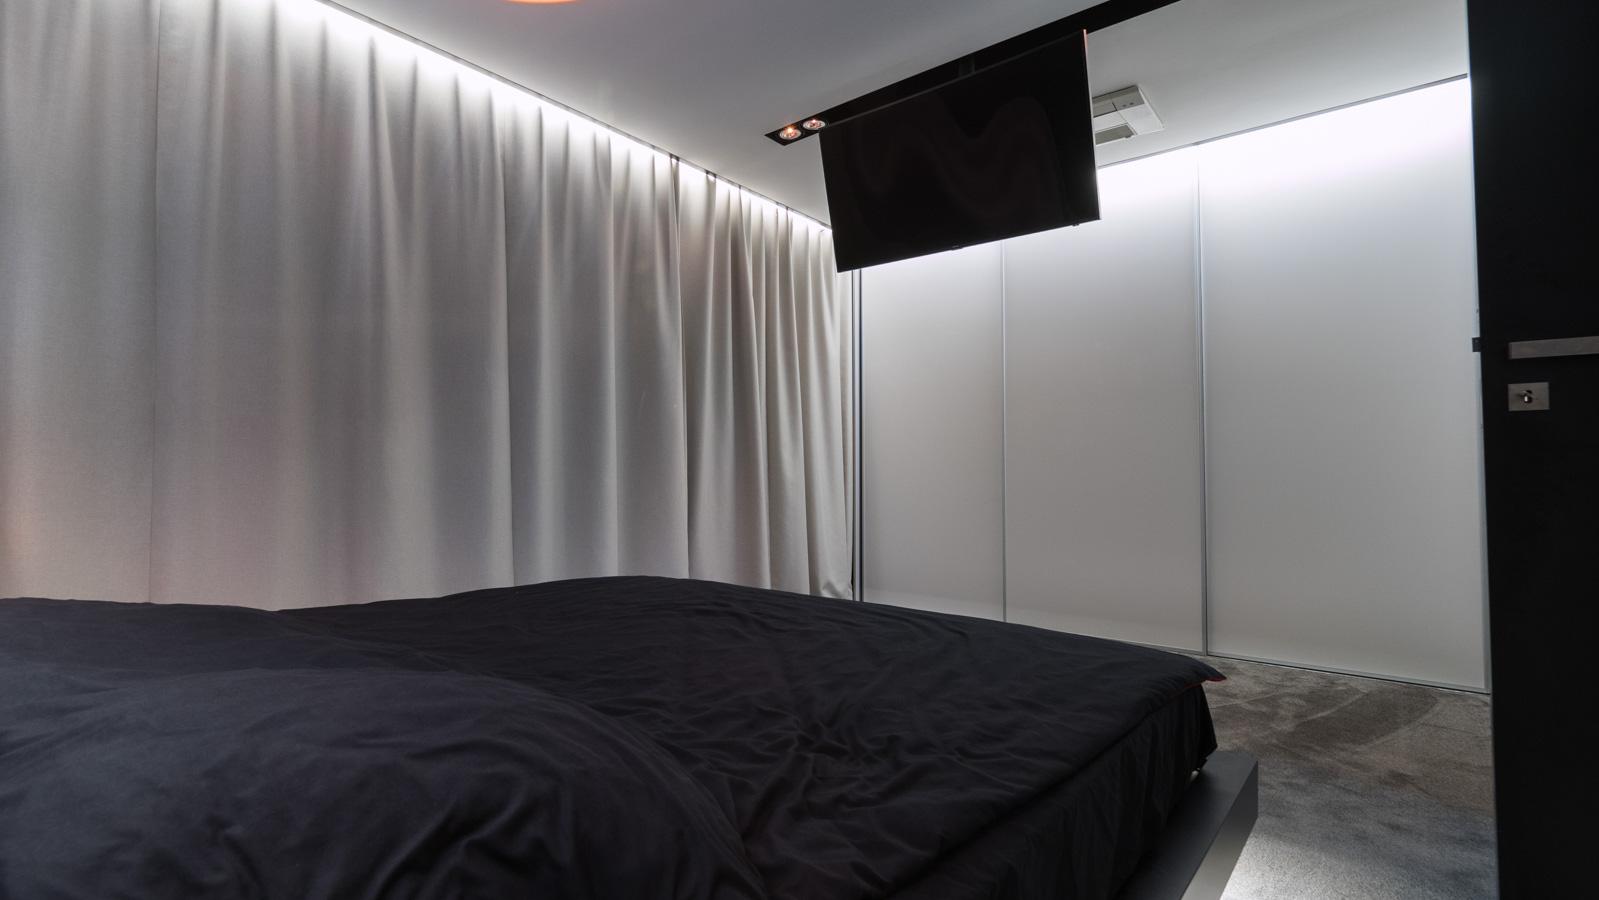 MJ Apartament singla mezczyzny20160520-_1030273 kamil konarski anna tasarz